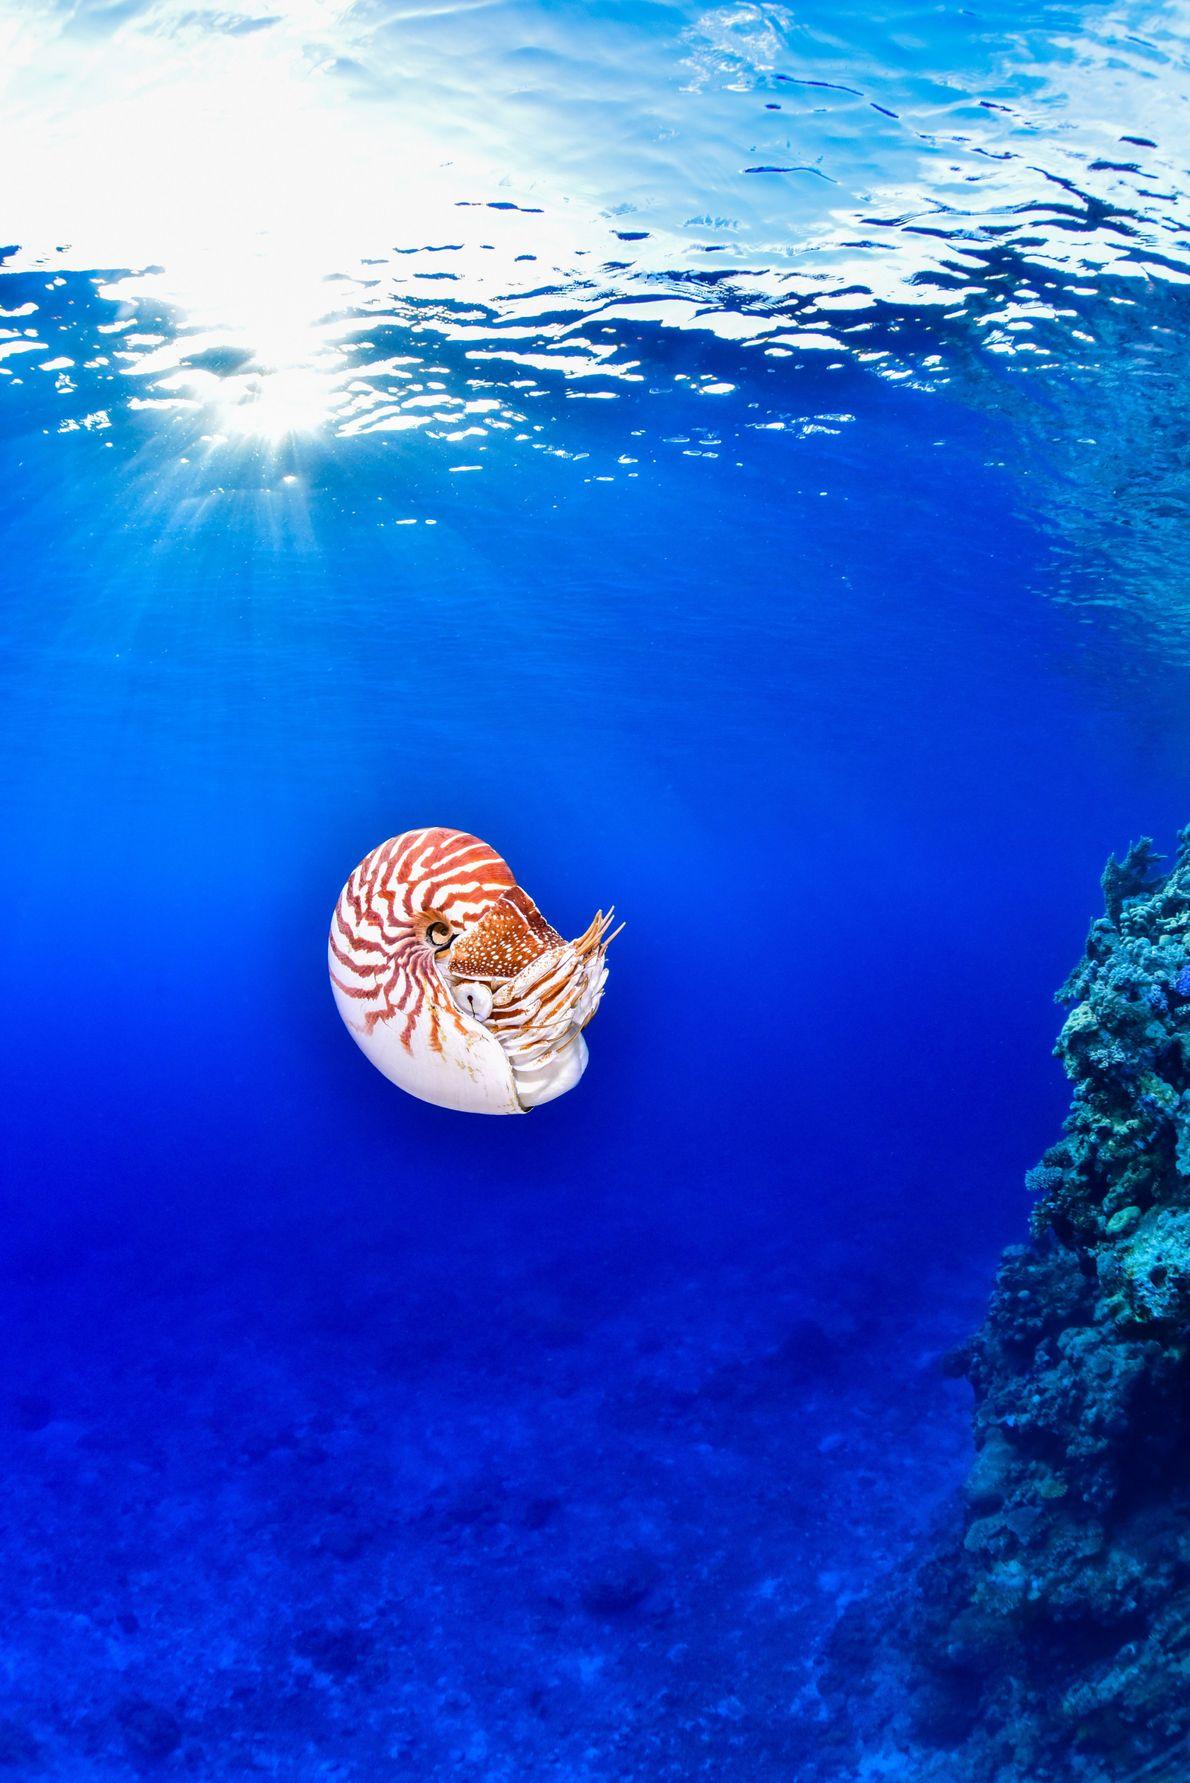 Le nautile, apparu bien avant les dinosaures, n'a que peu évolué depuis cinq cents millions d'années, ...